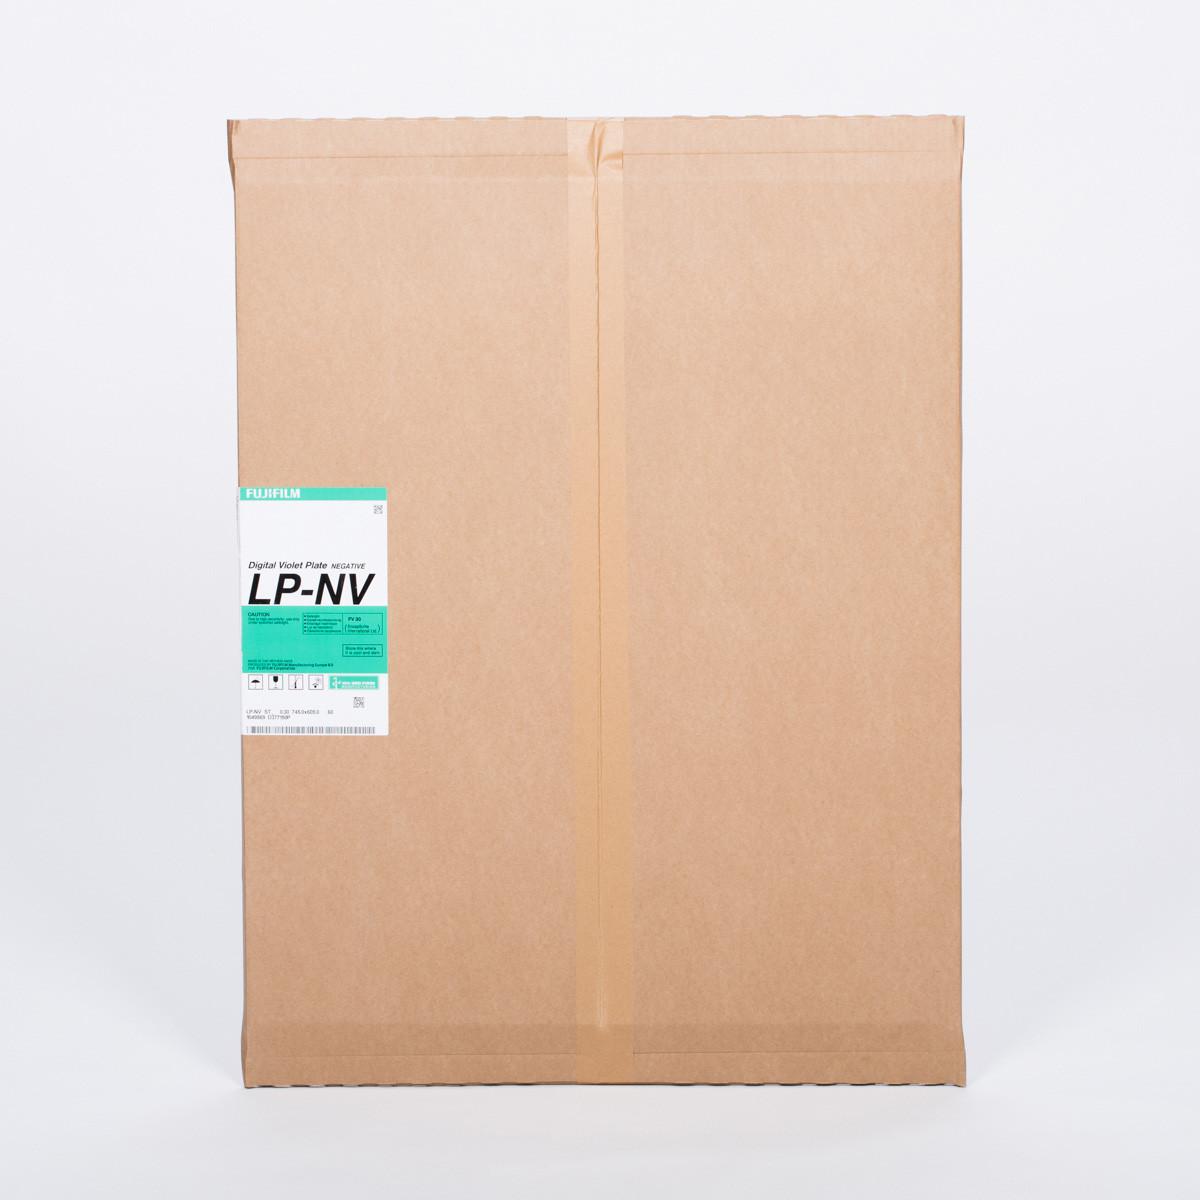 FUJI LP-NV ST 450x350x0,15x100